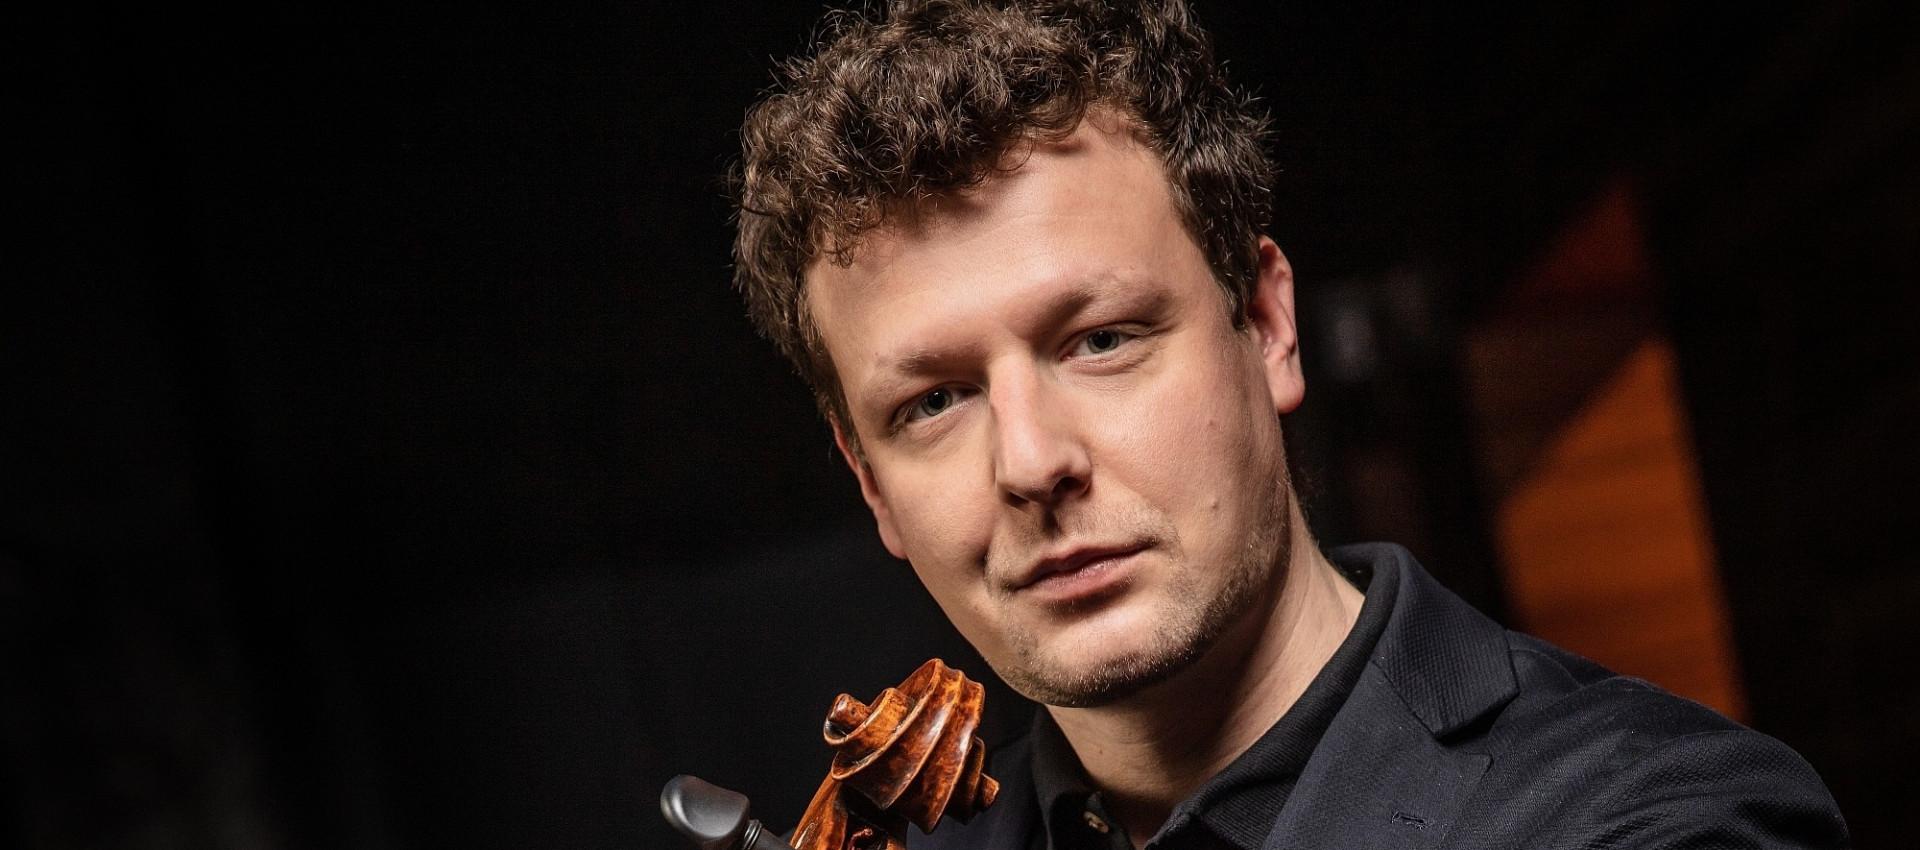 Várdai István és a Nemzeti Filharmonikus Zenekar